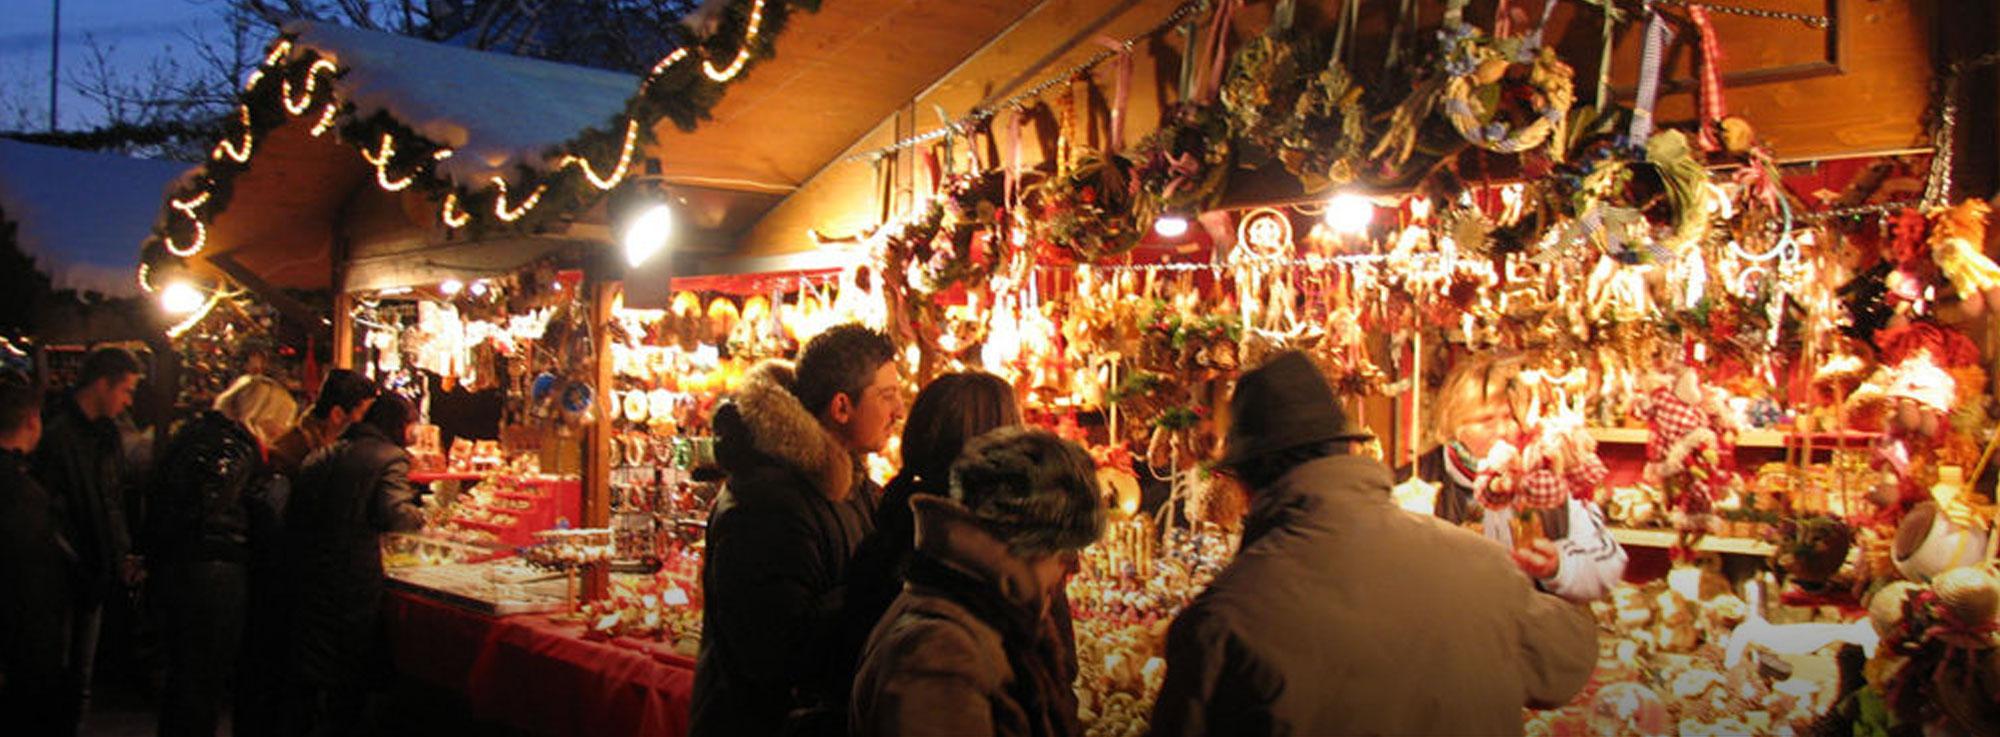 Ceglie Messapica: Magico Borgo di Natale